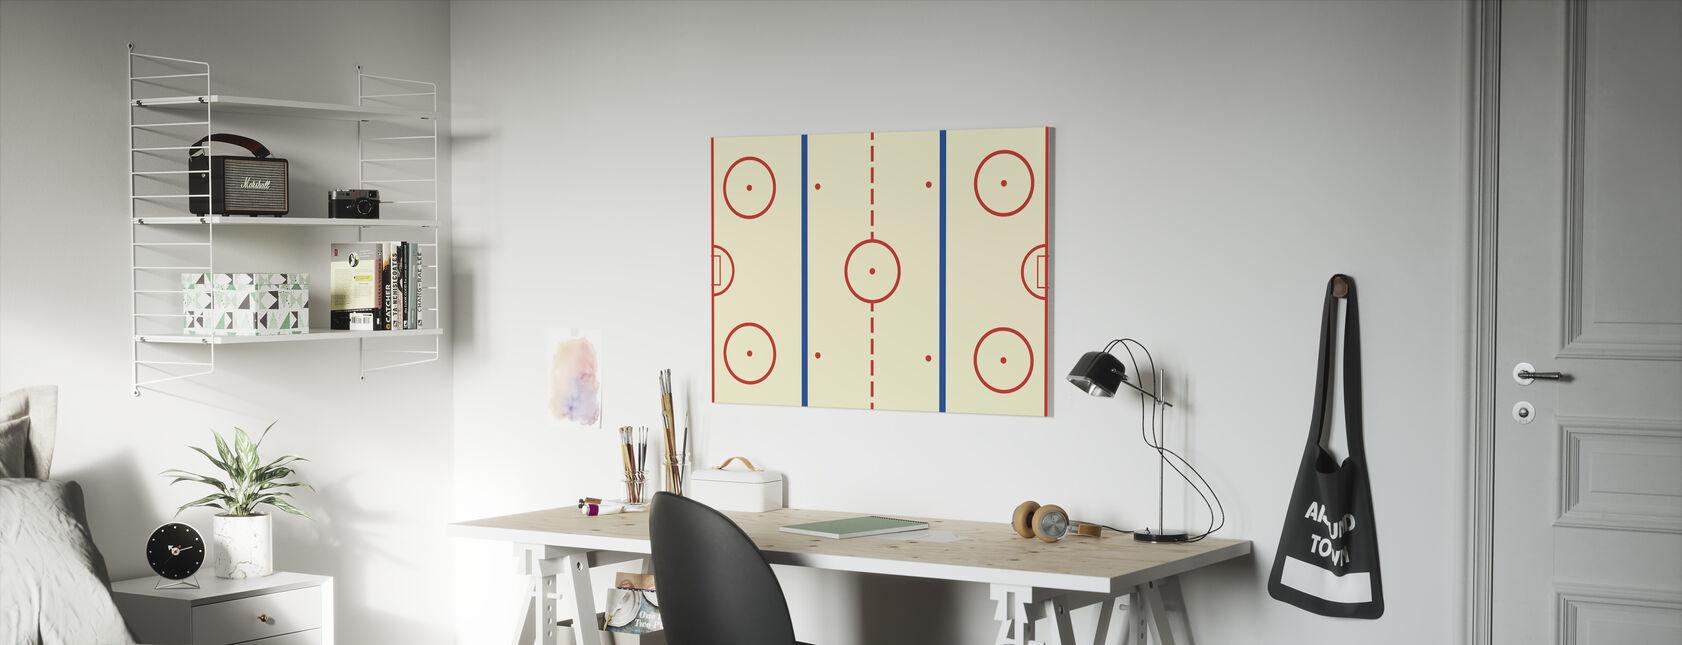 IJshockeybaan - Canvas print - Kinderkamer